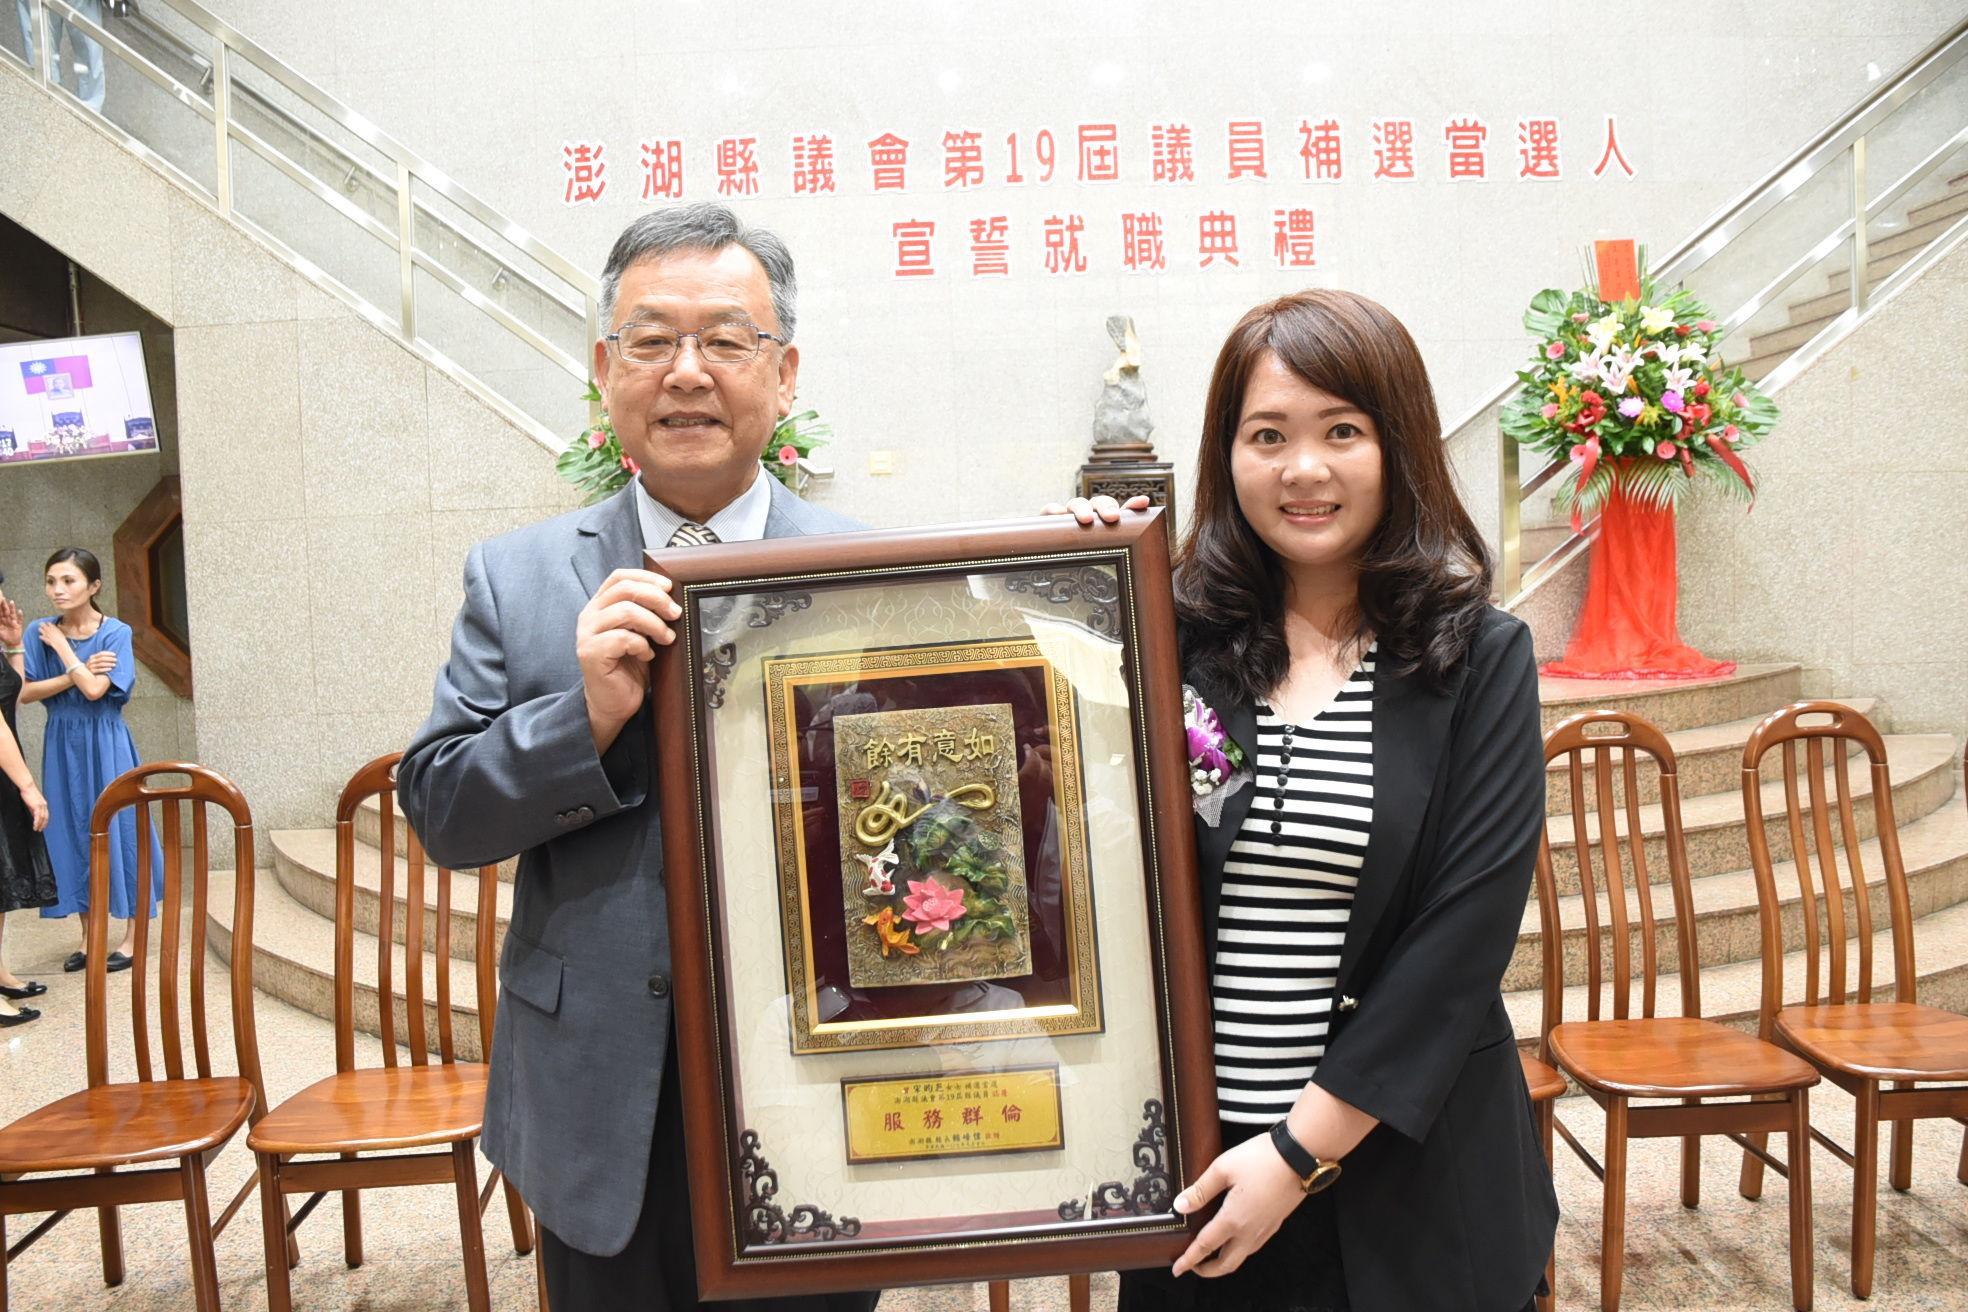 賴峰偉致贈「服務群倫」賀匾